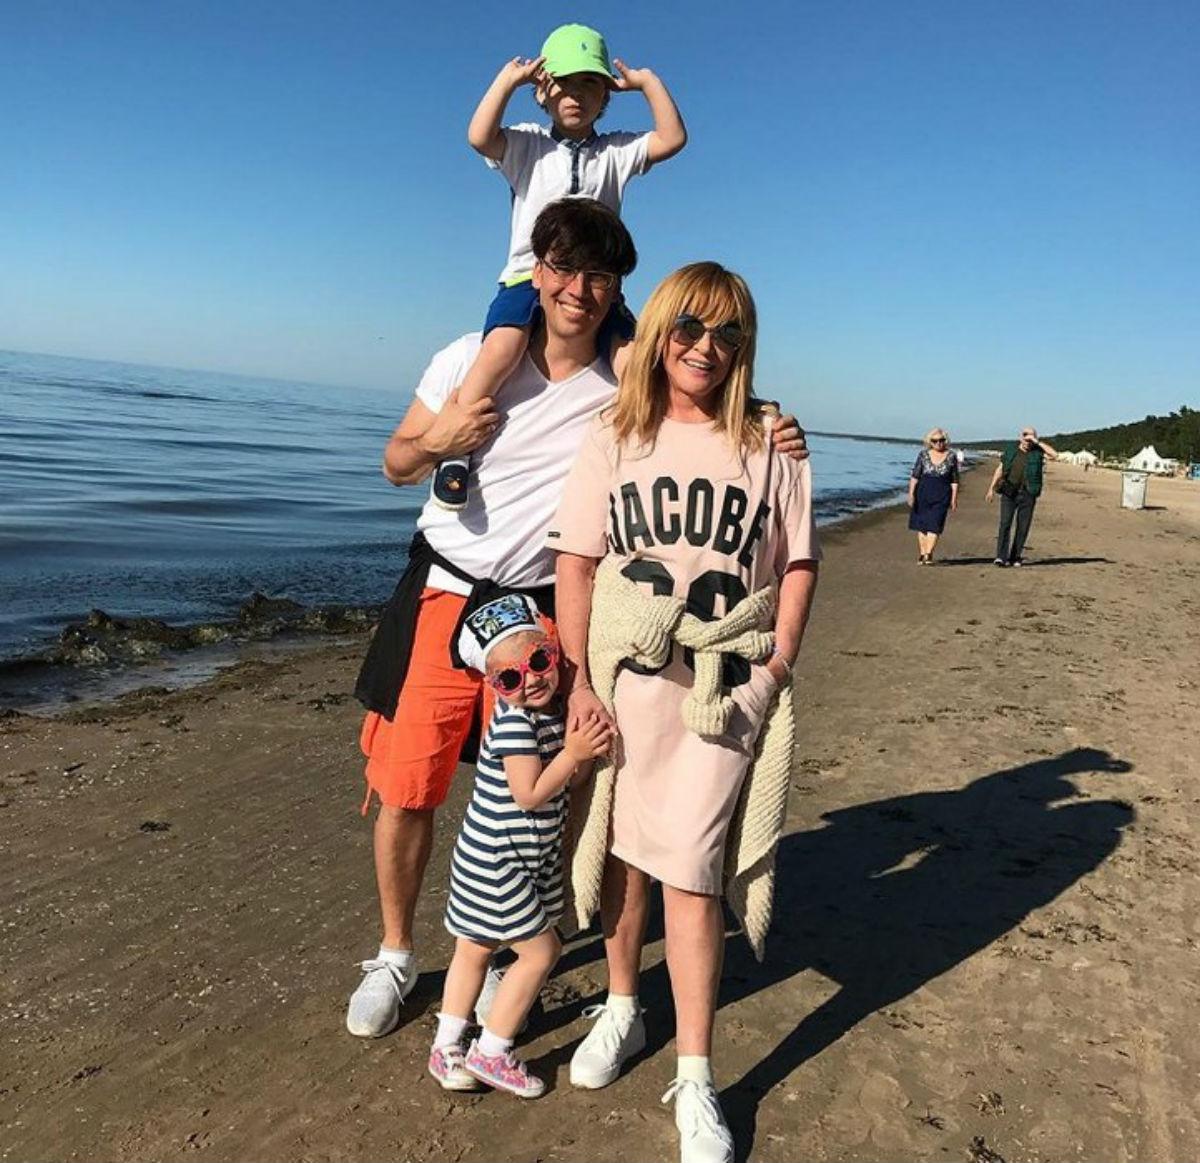 Незабываемое зрелище: Максим Галкин показал редкое фото с Аллой Пугачевой и детьми